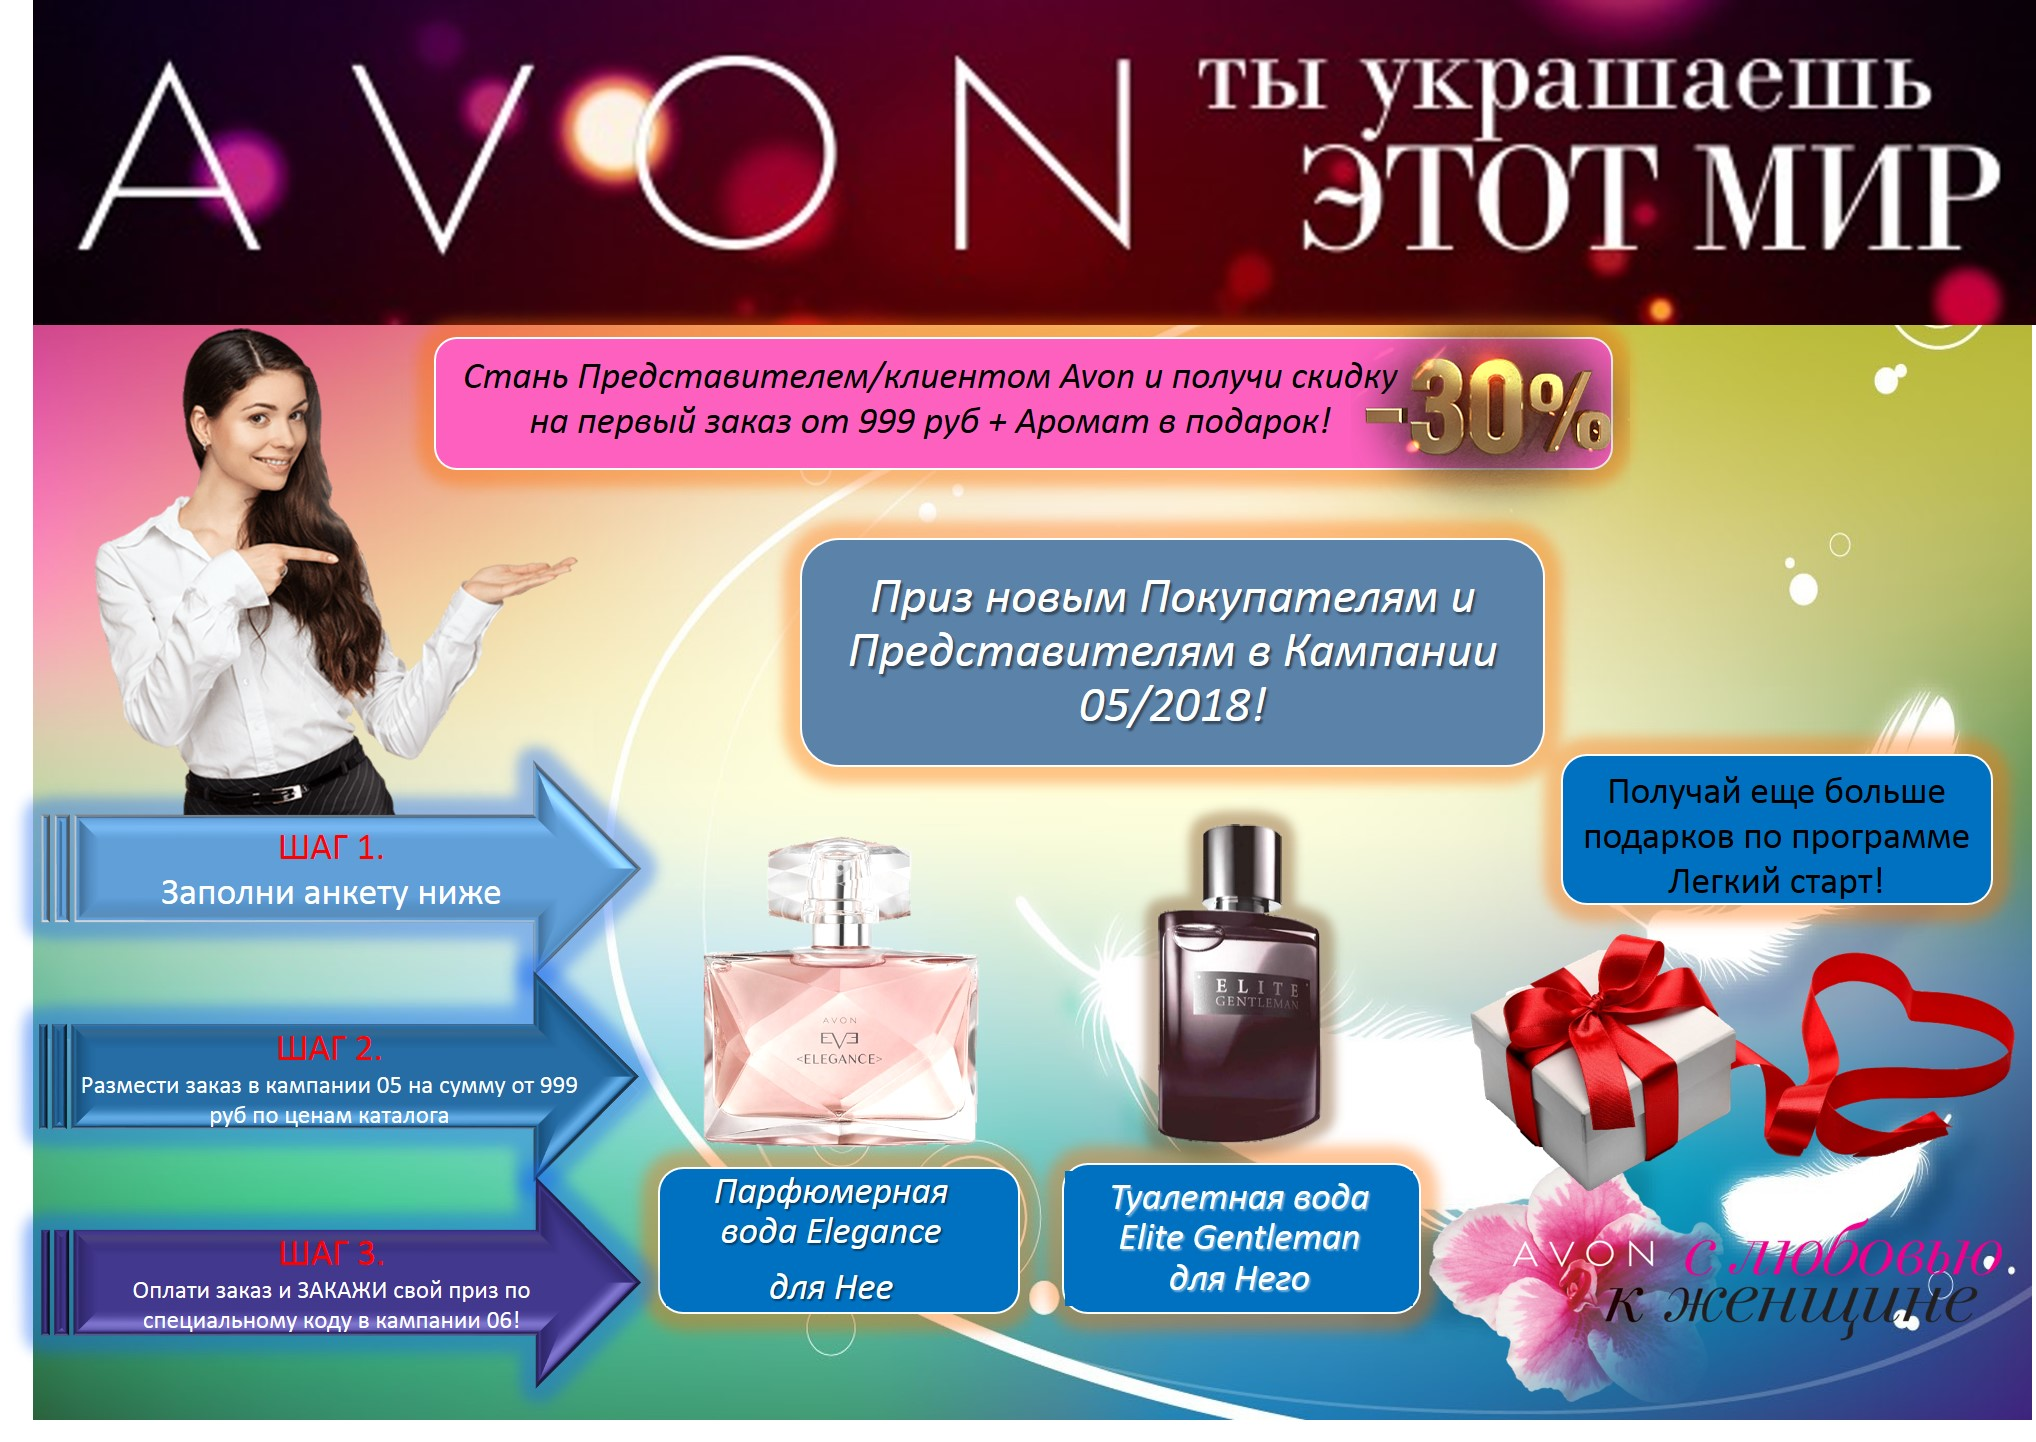 Avon представникам купить косметику спивакъ в ярославле